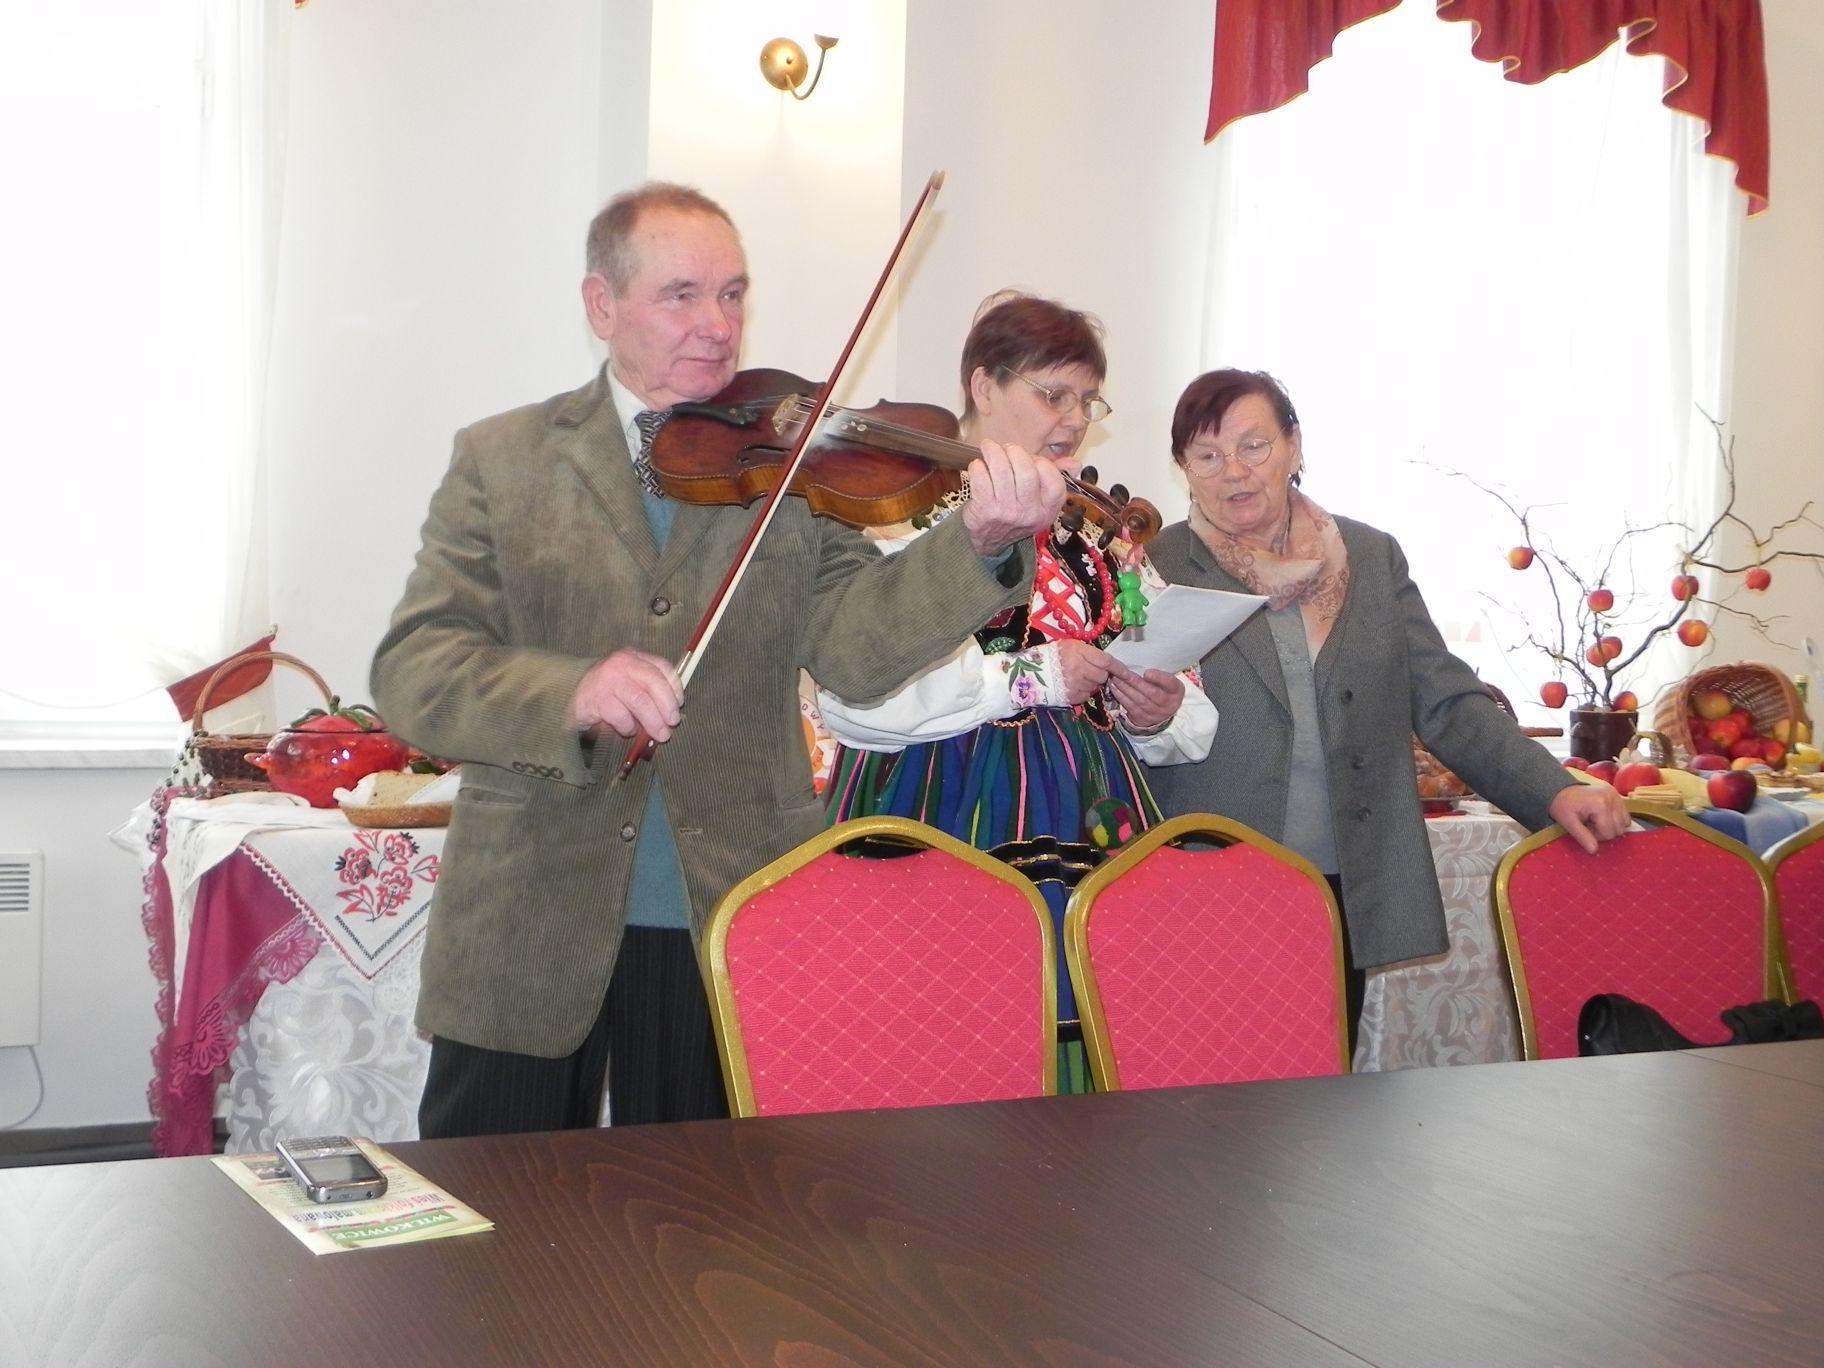 2012-12-14 Wilkowice - Konferencja Wioski tematyczne (117)